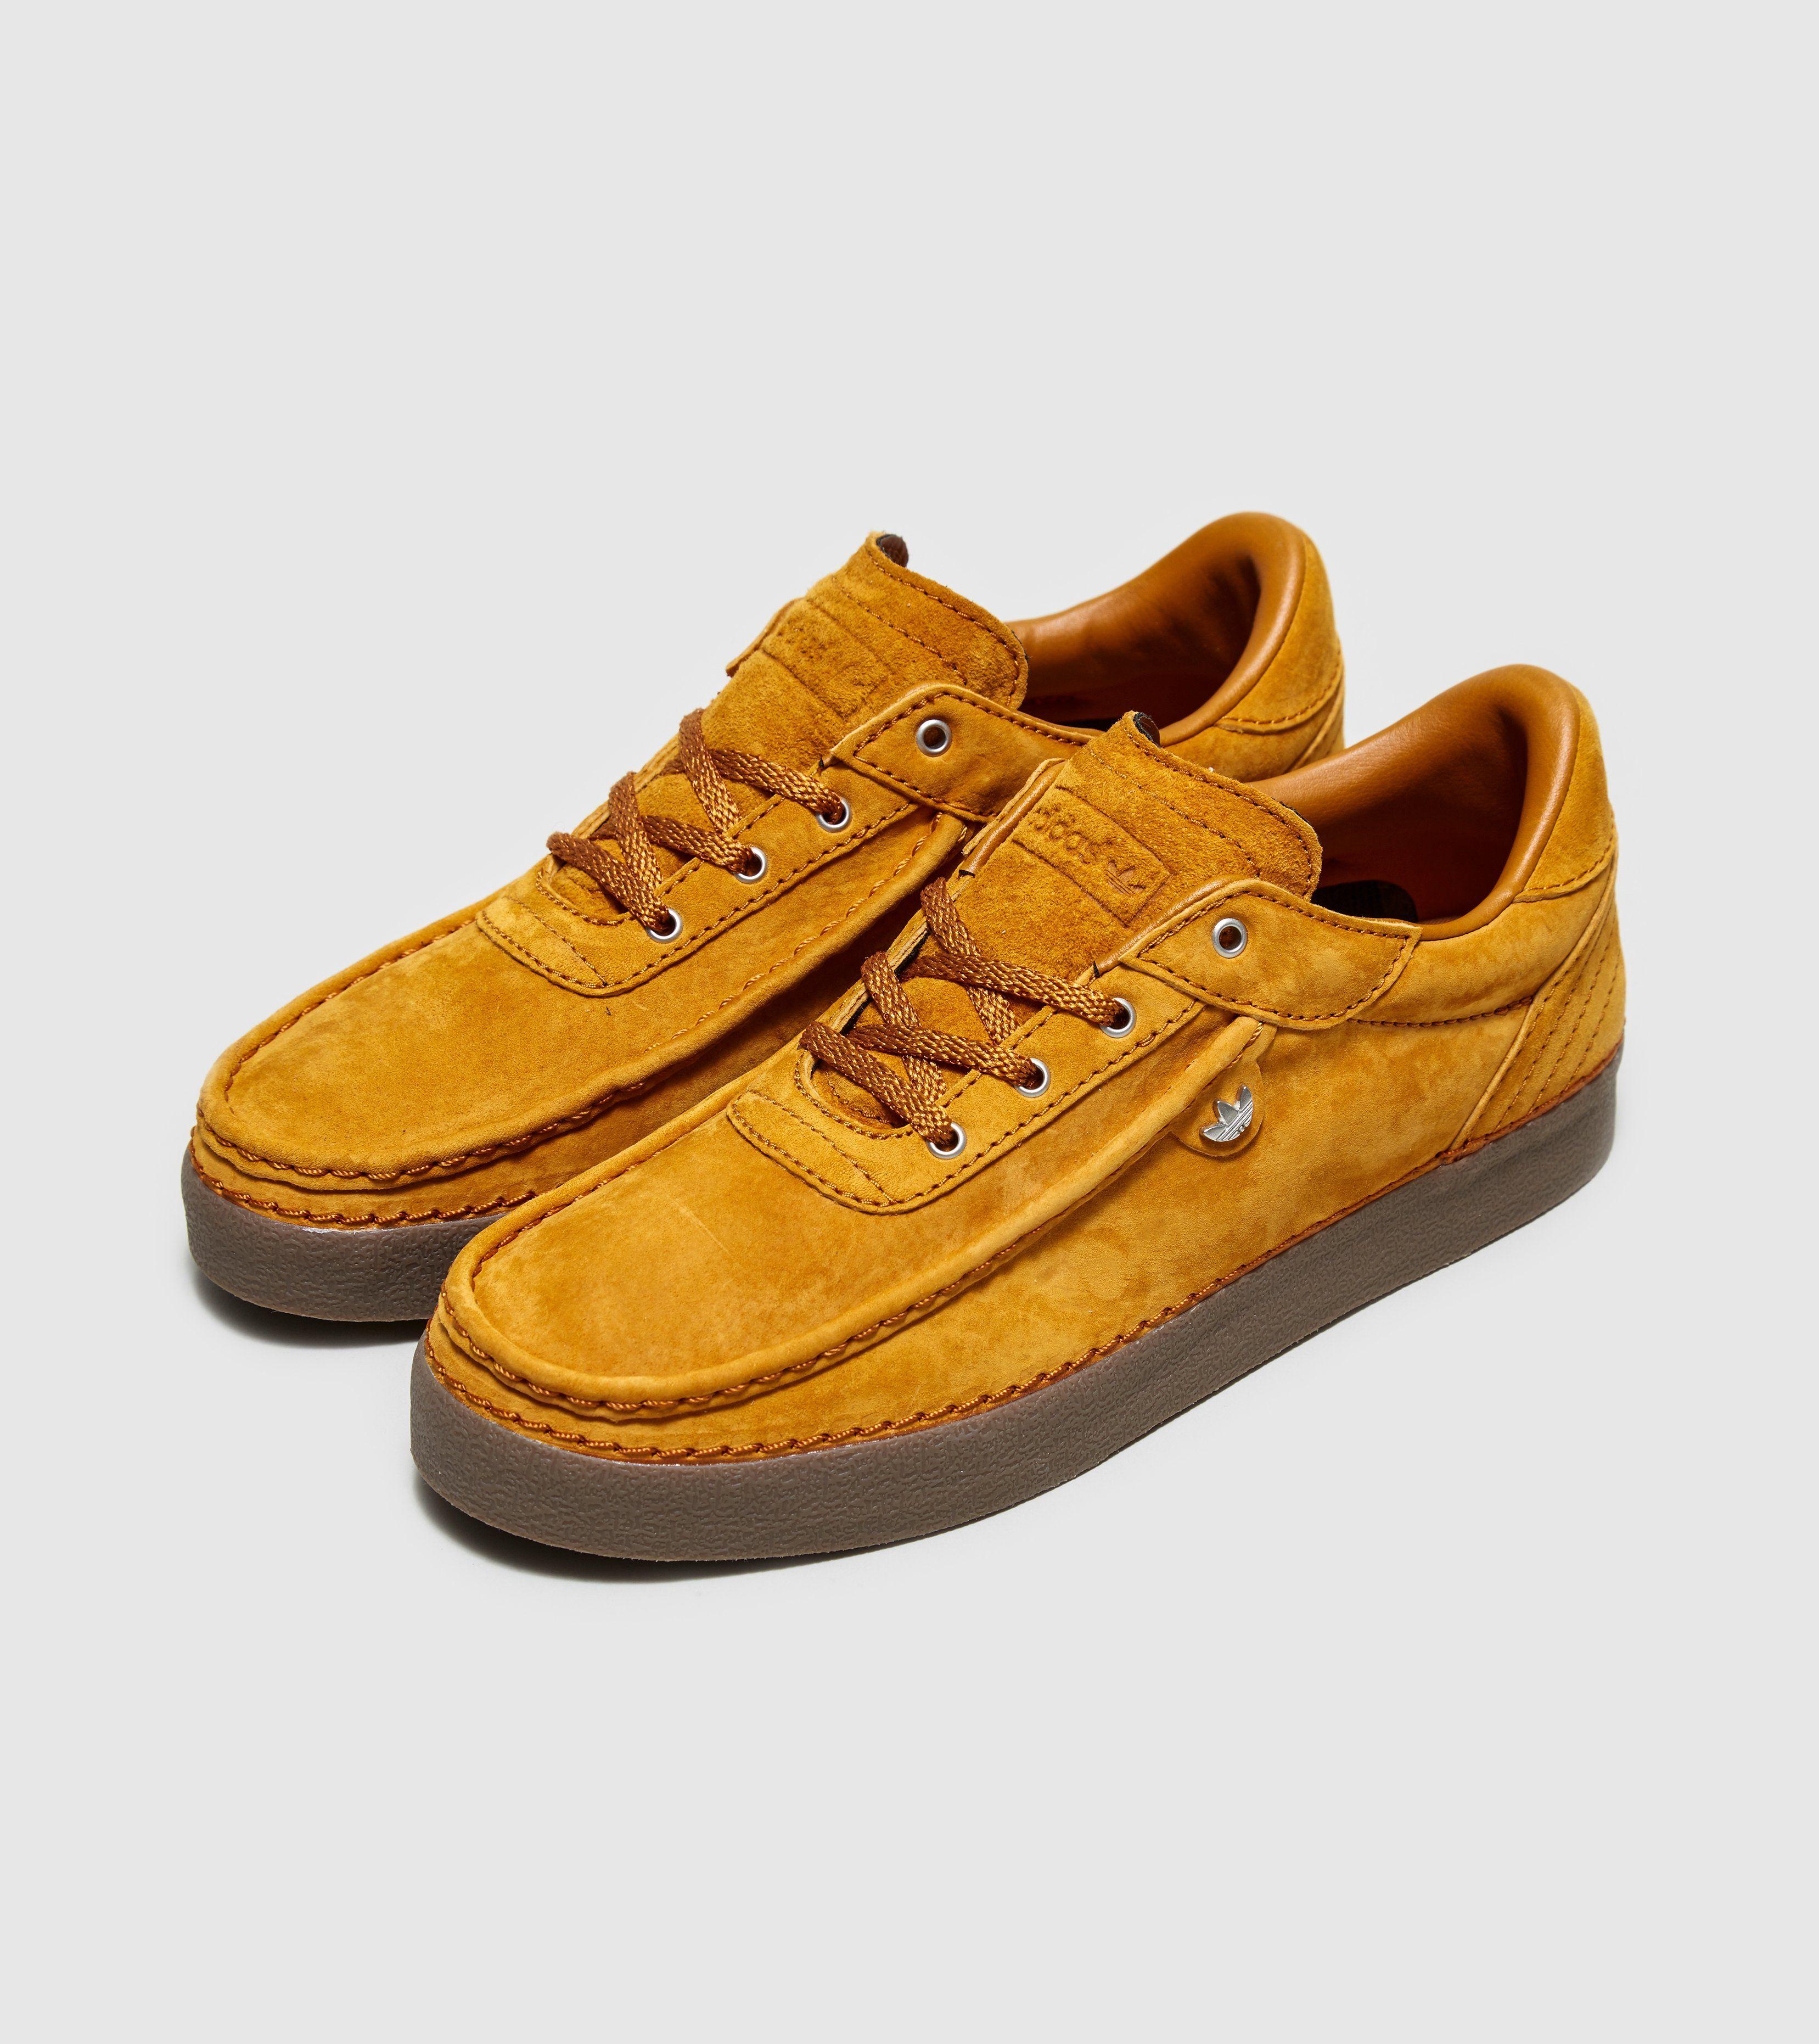 ¿Adidas Originals Albrecht Low Suede talla?¿Exclusivo de tamaño?